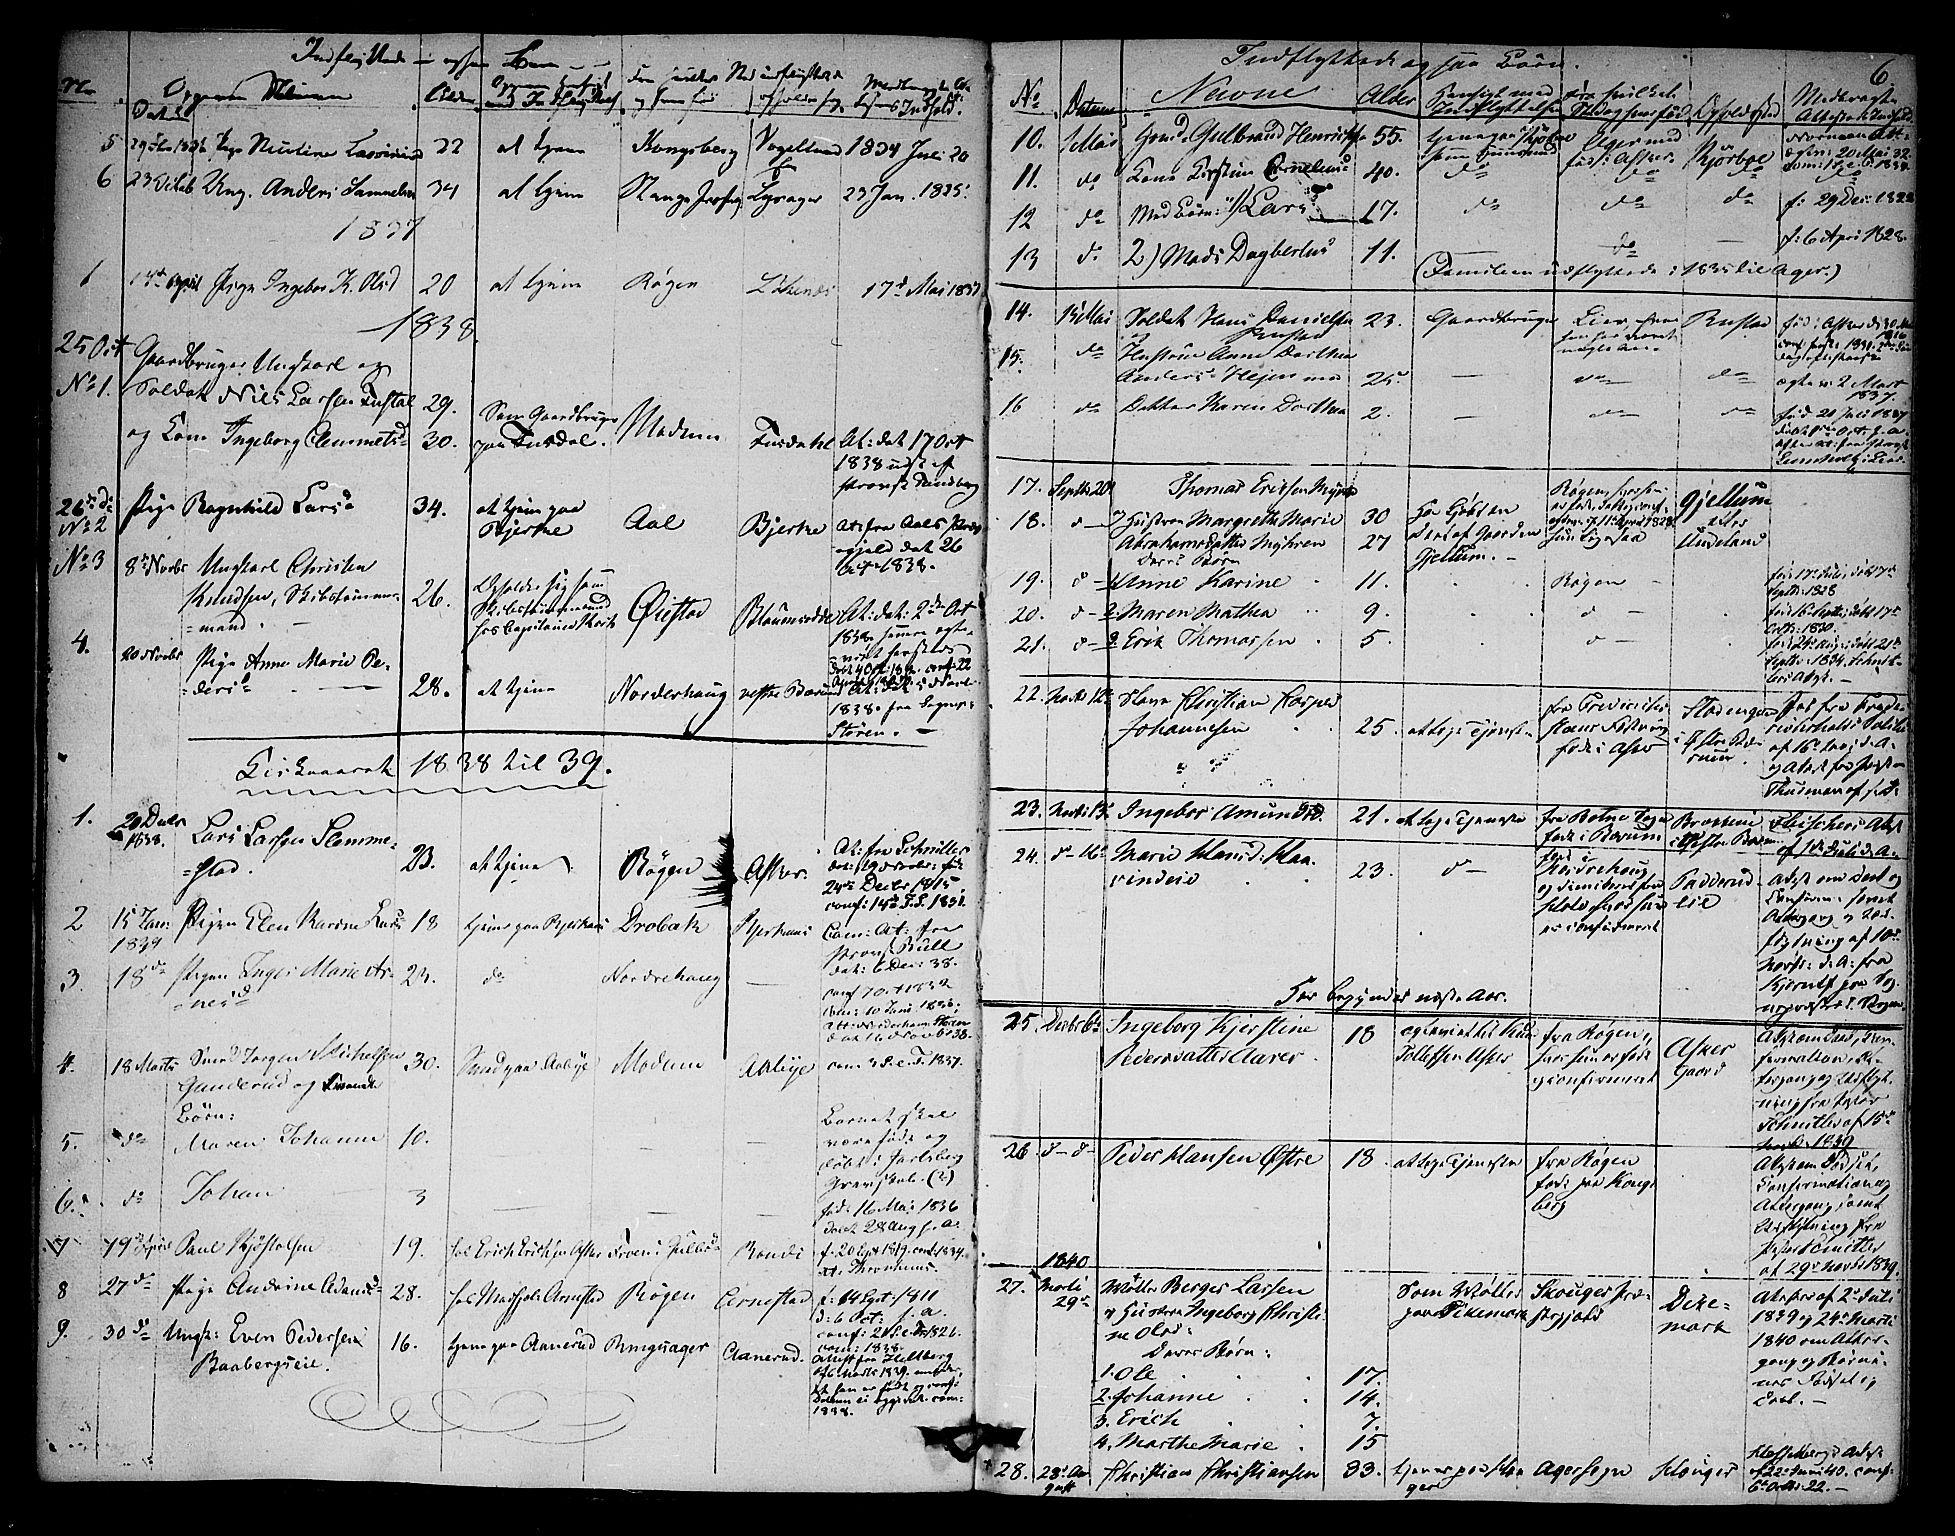 SAO, Asker prestekontor Kirkebøker, F/Fa/L0012: Ministerialbok nr. I 12, 1825-1878, s. 6